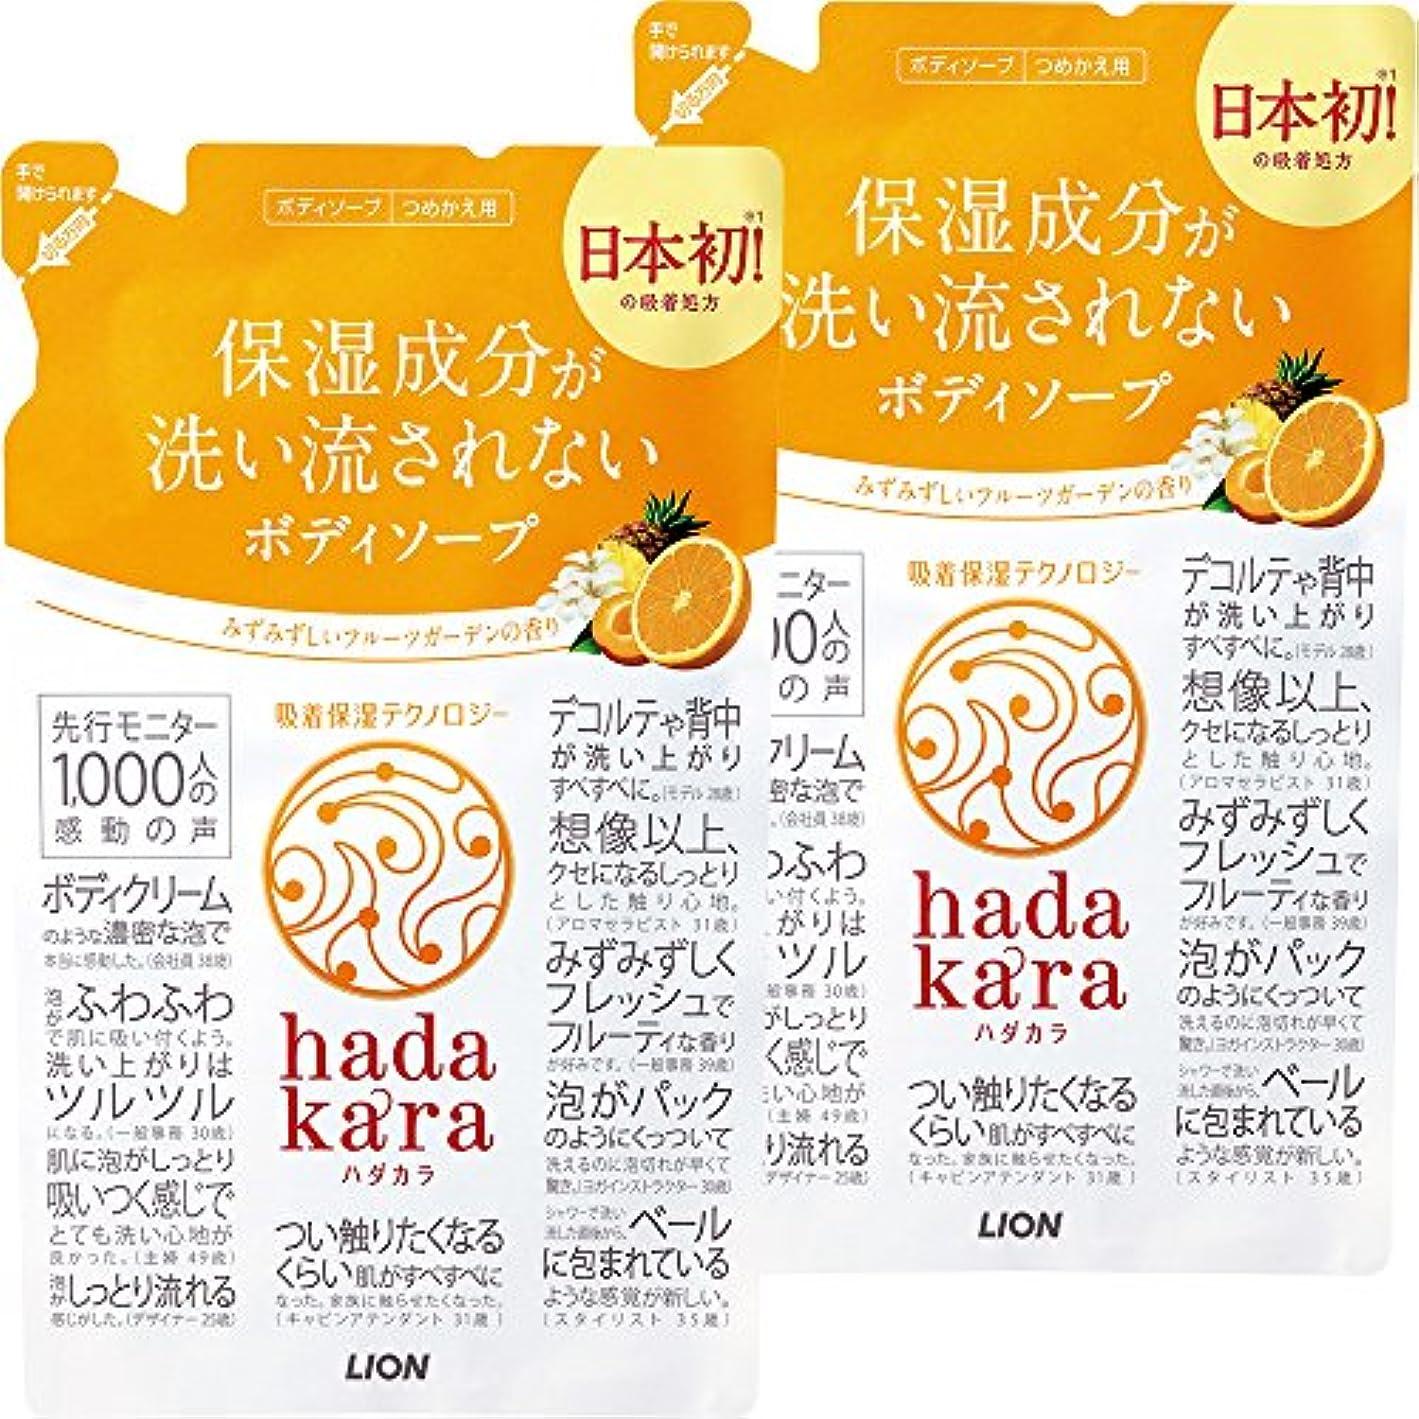 地雷原チェリー擁する【まとめ買い】hadakara(ハダカラ) ボディソープ フルーツガーデンの香り 詰め替え 360ml×2個パック